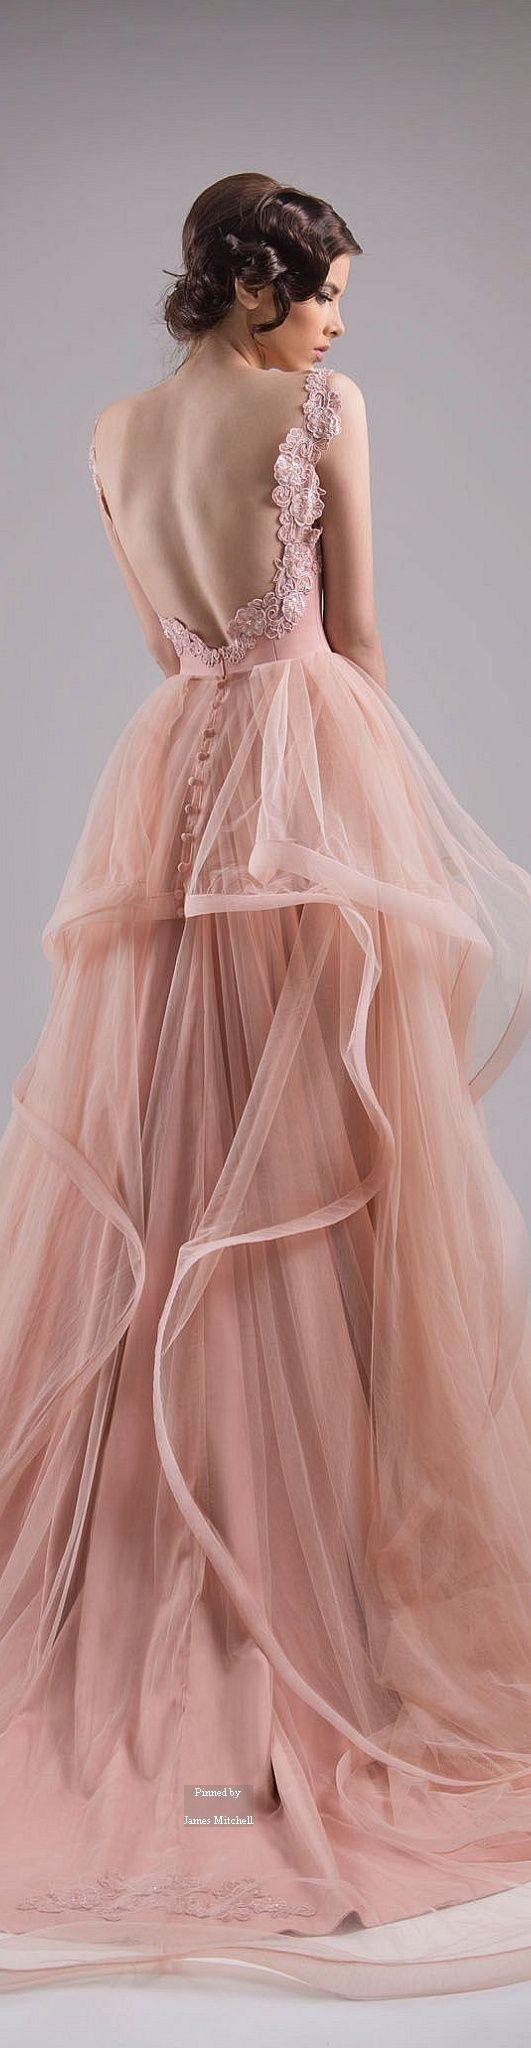 Pin de kkchan en 礼服 | Pinterest | Vestiditos